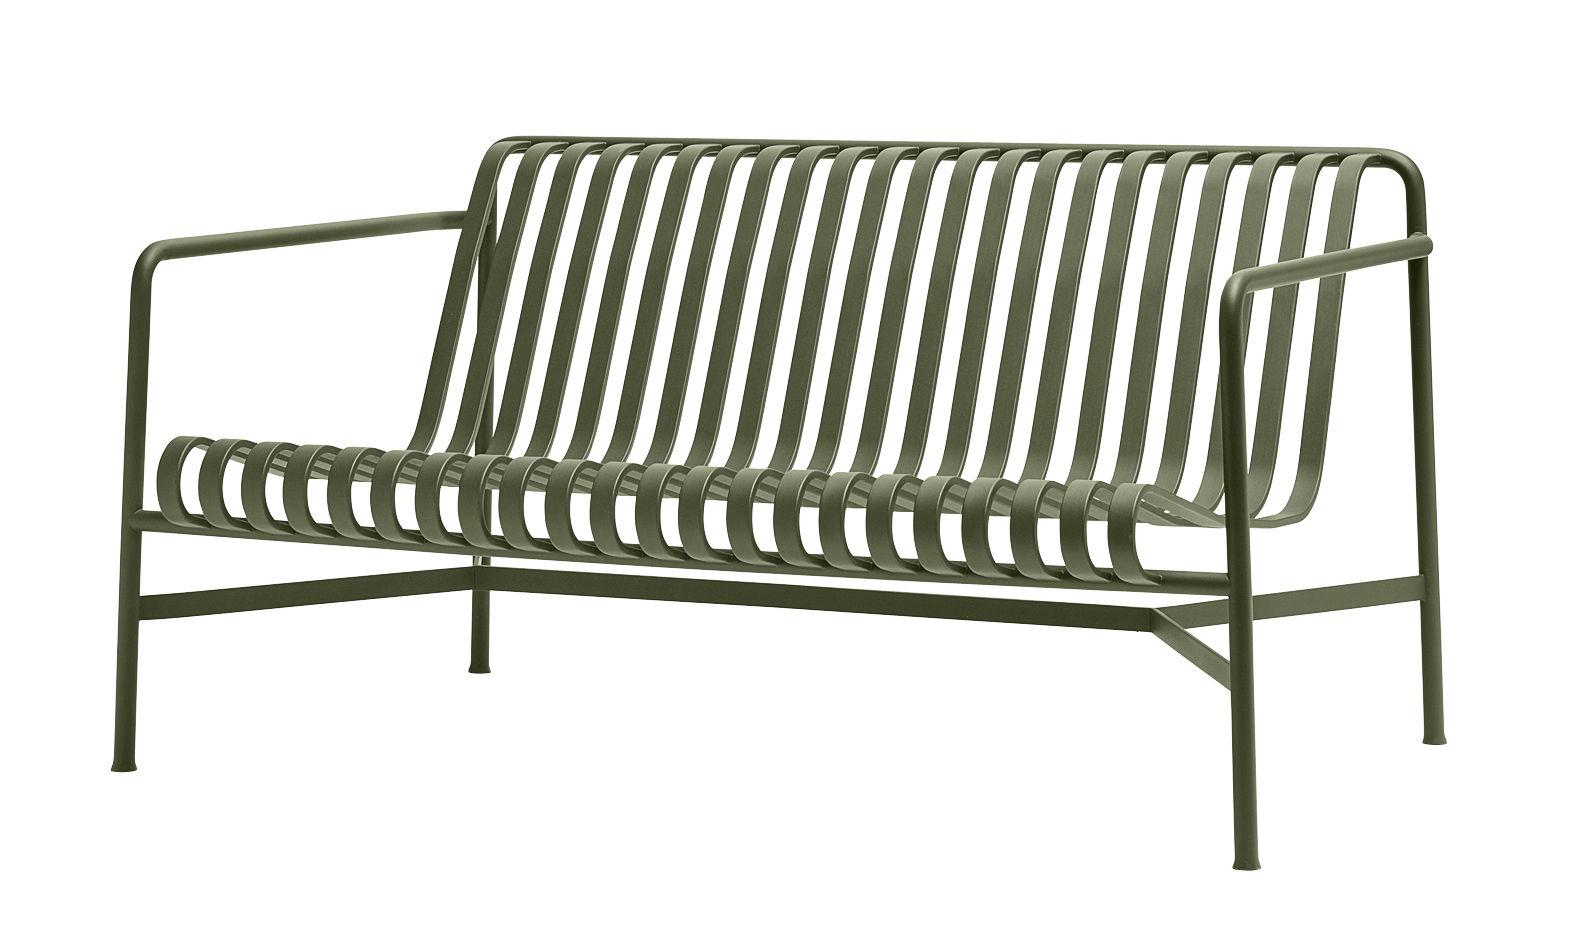 Outdoor - Canapés - Canapé droit Palissade Lounge / L 139 cm - R & E Bouroullec - Hay - Canapé / Vert olive - Acier électro-galvanisé, Peinture époxy